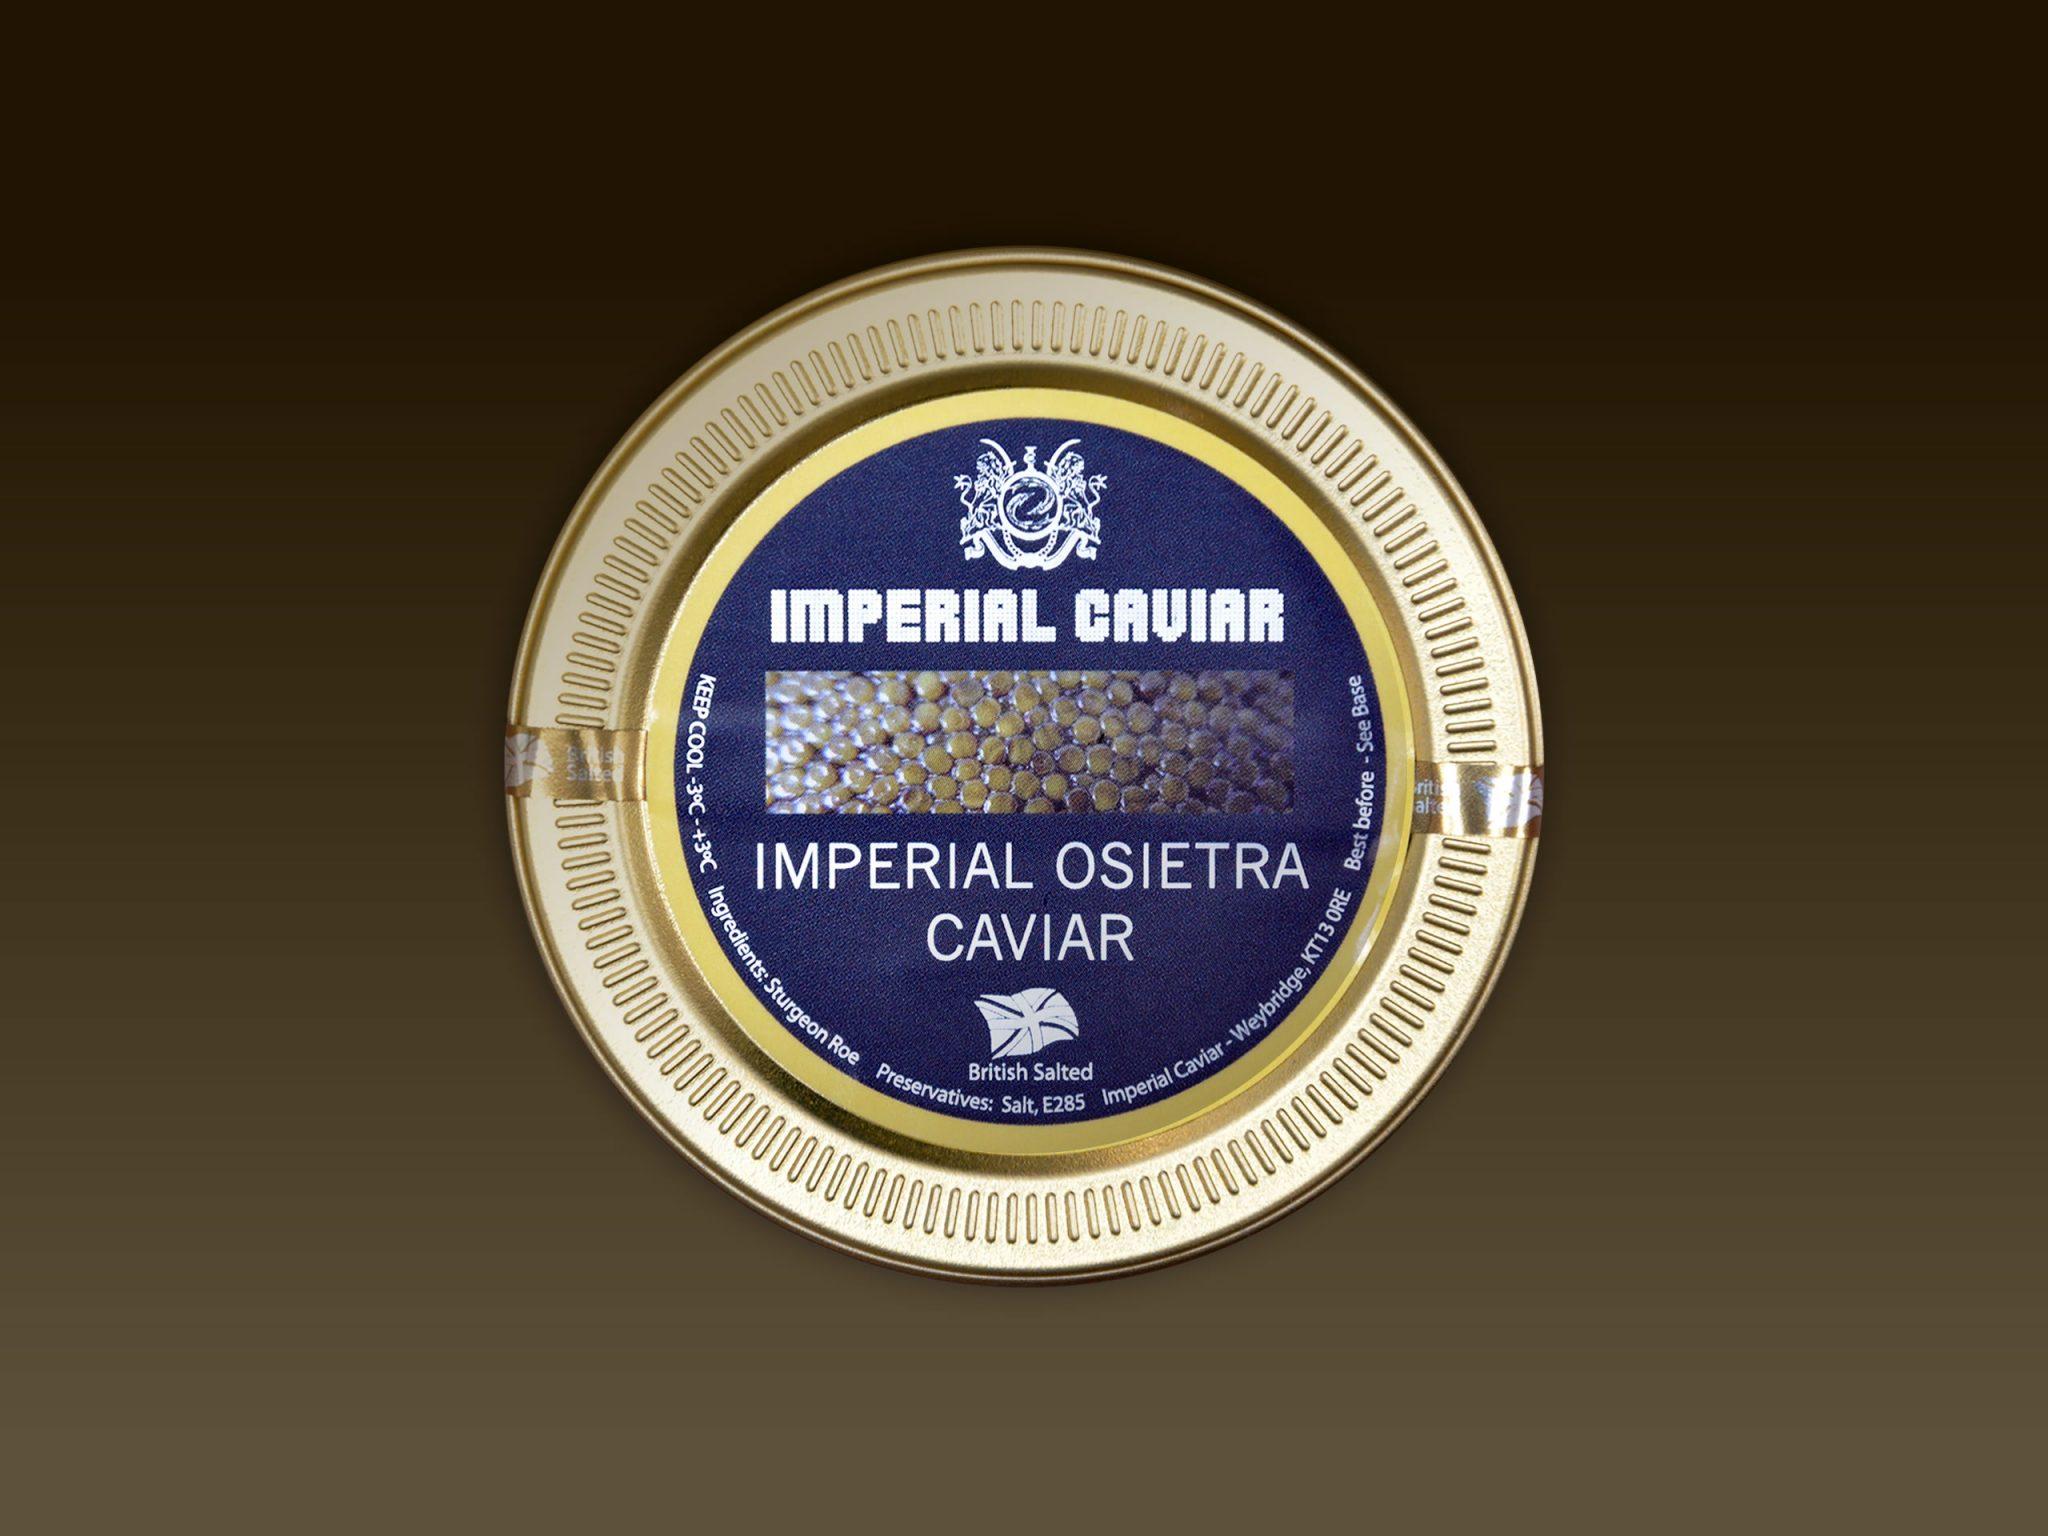 Imperial Osietra Caviar